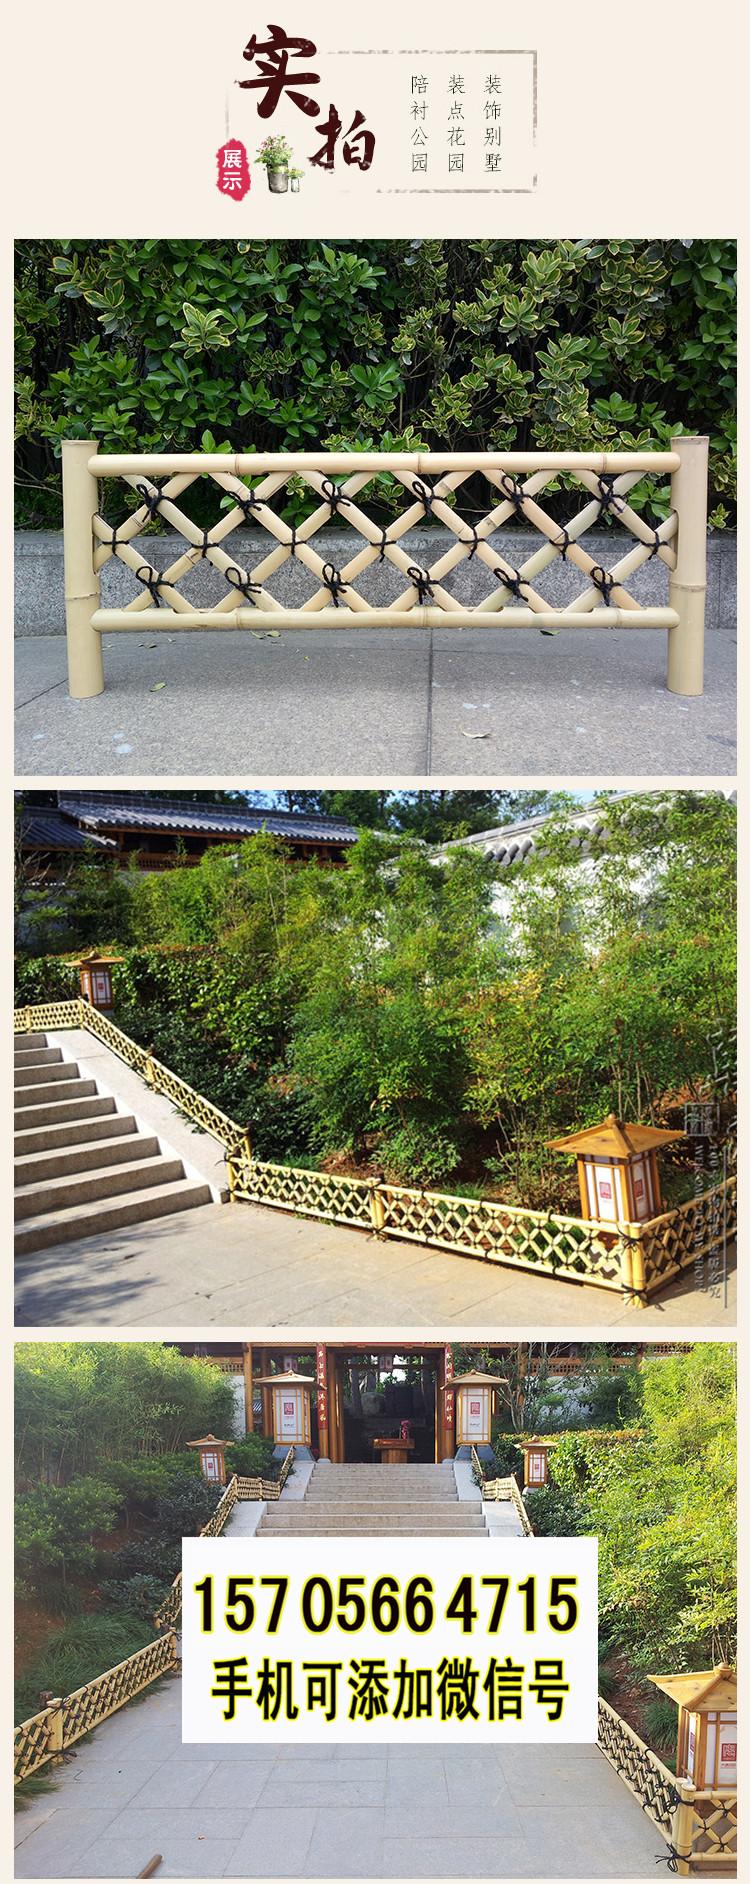 湖南长沙竹篱笆 pvc护栏碳化木围栏思绪和技巧(中闻资讯)